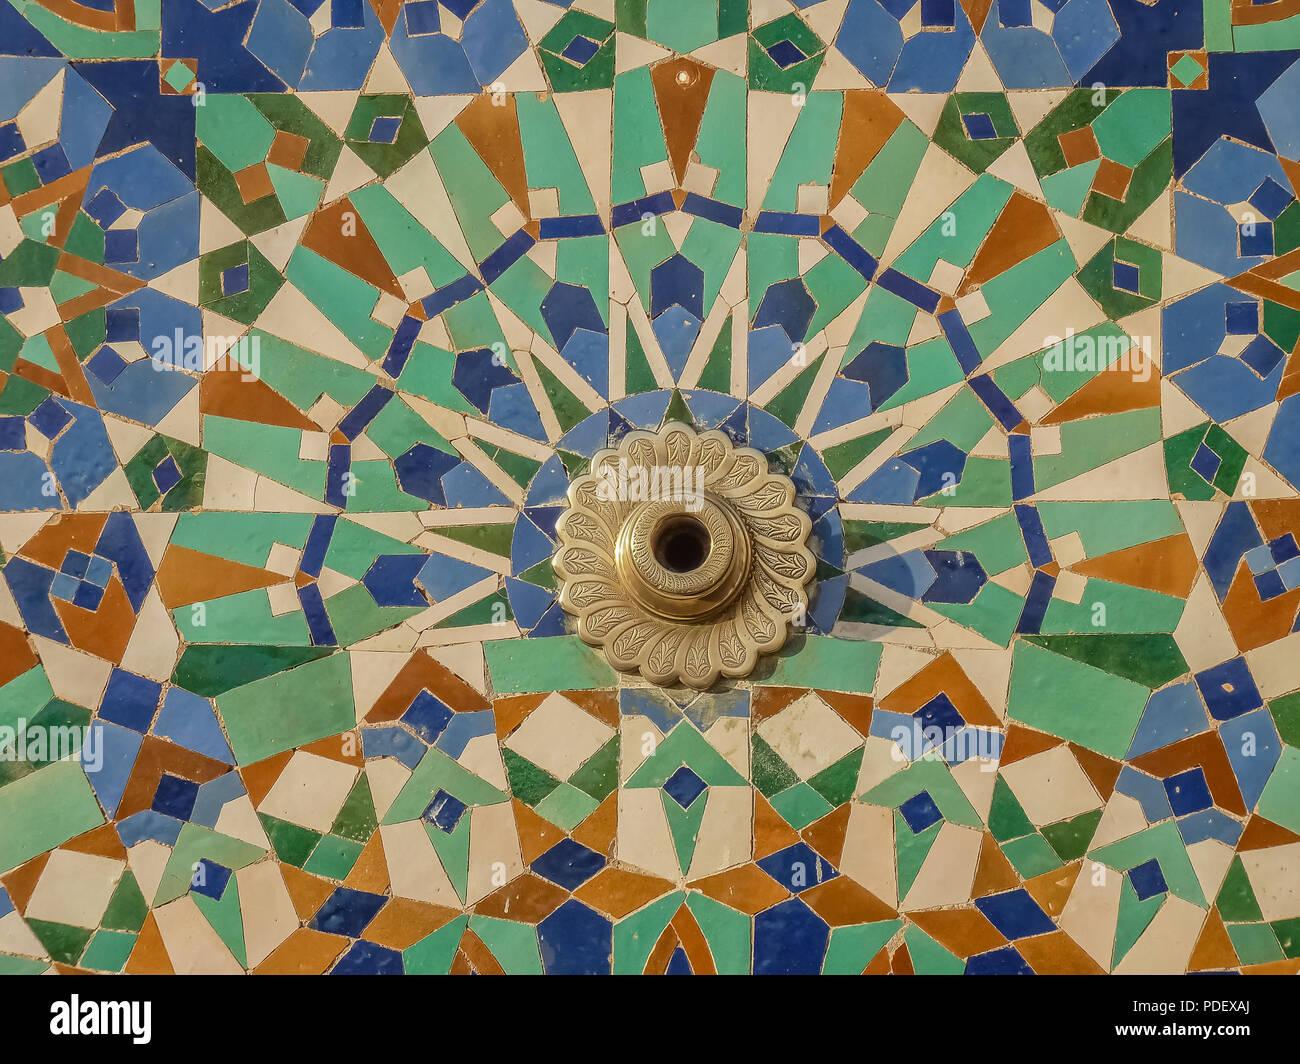 Piastrelle stile marocco rivestimento adesivo per piastrelle